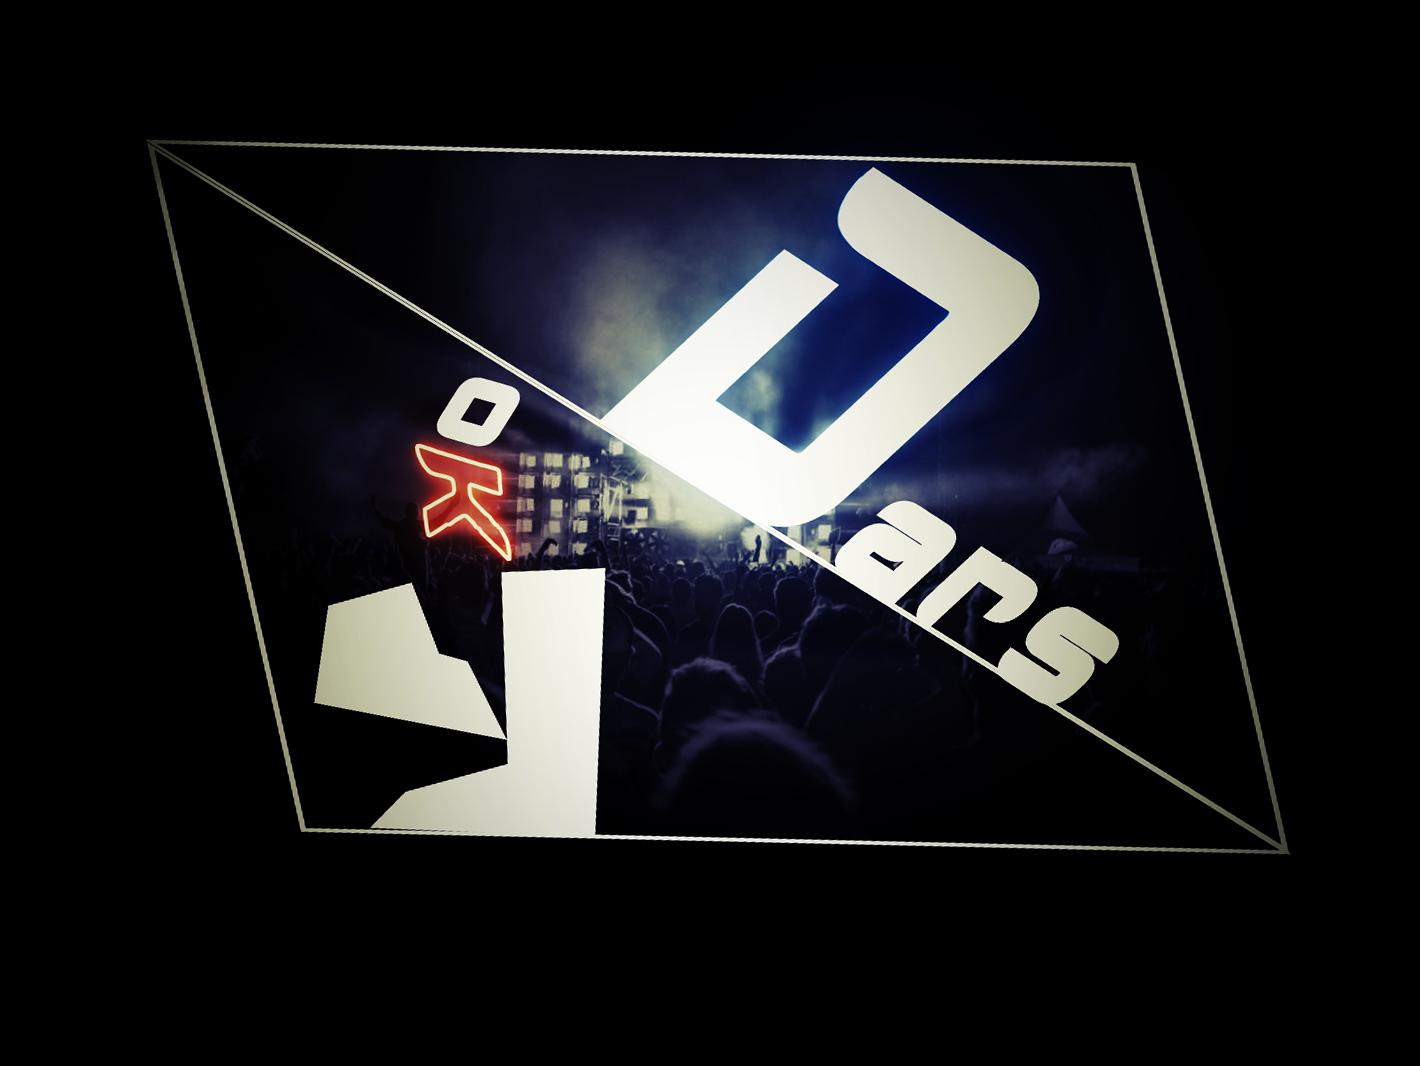 Нарисовать логотип для сольного музыкального проекта фото f_9335ba8f2c2005cb.png